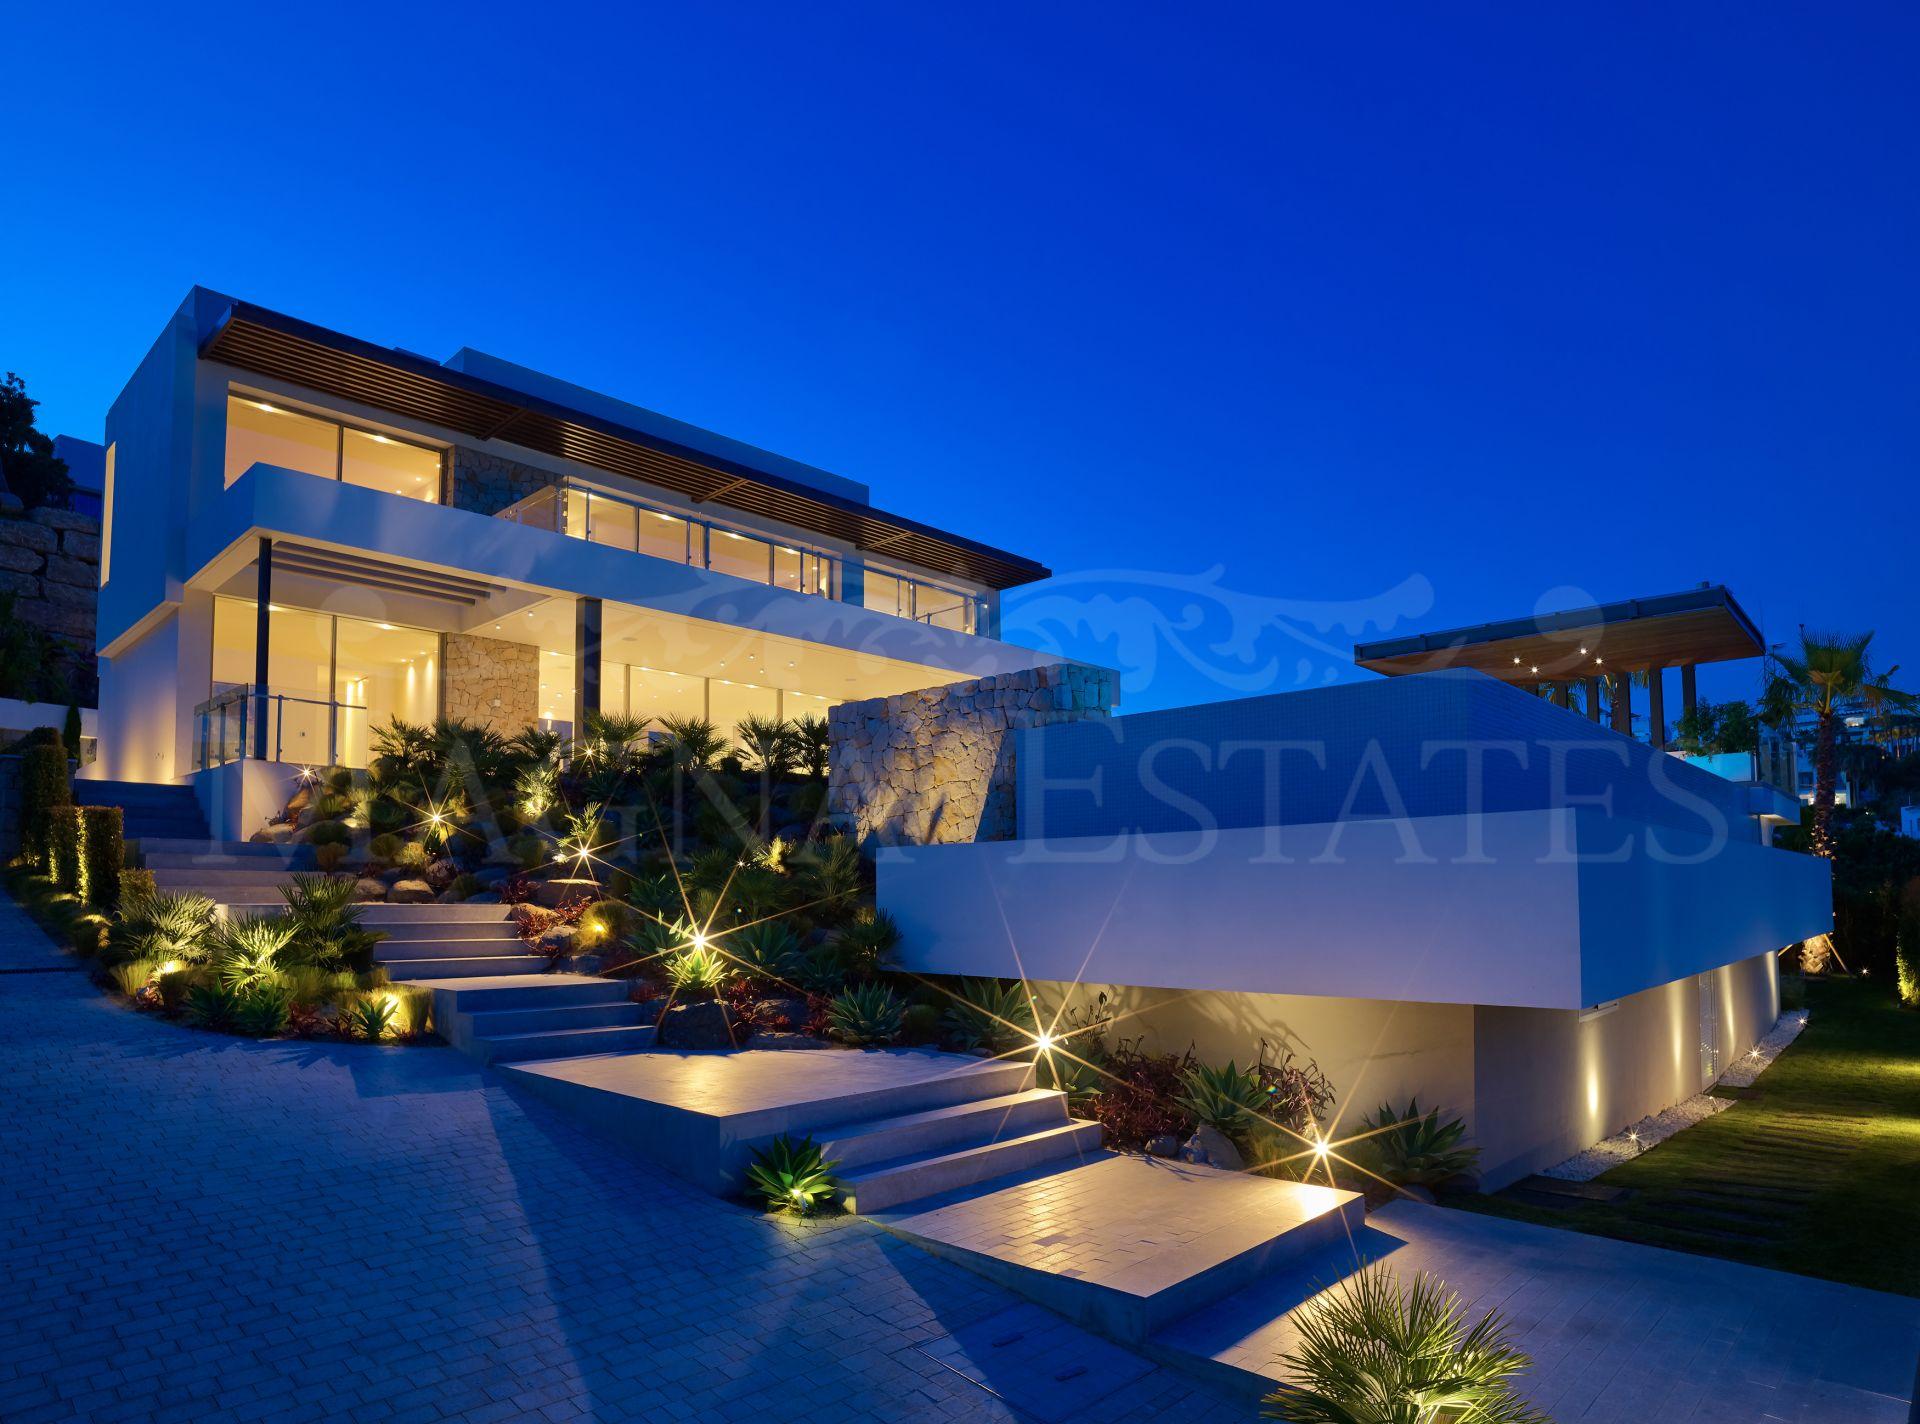 Preciosa villa al borde del campo de golf en La Alquería, Benahavís.